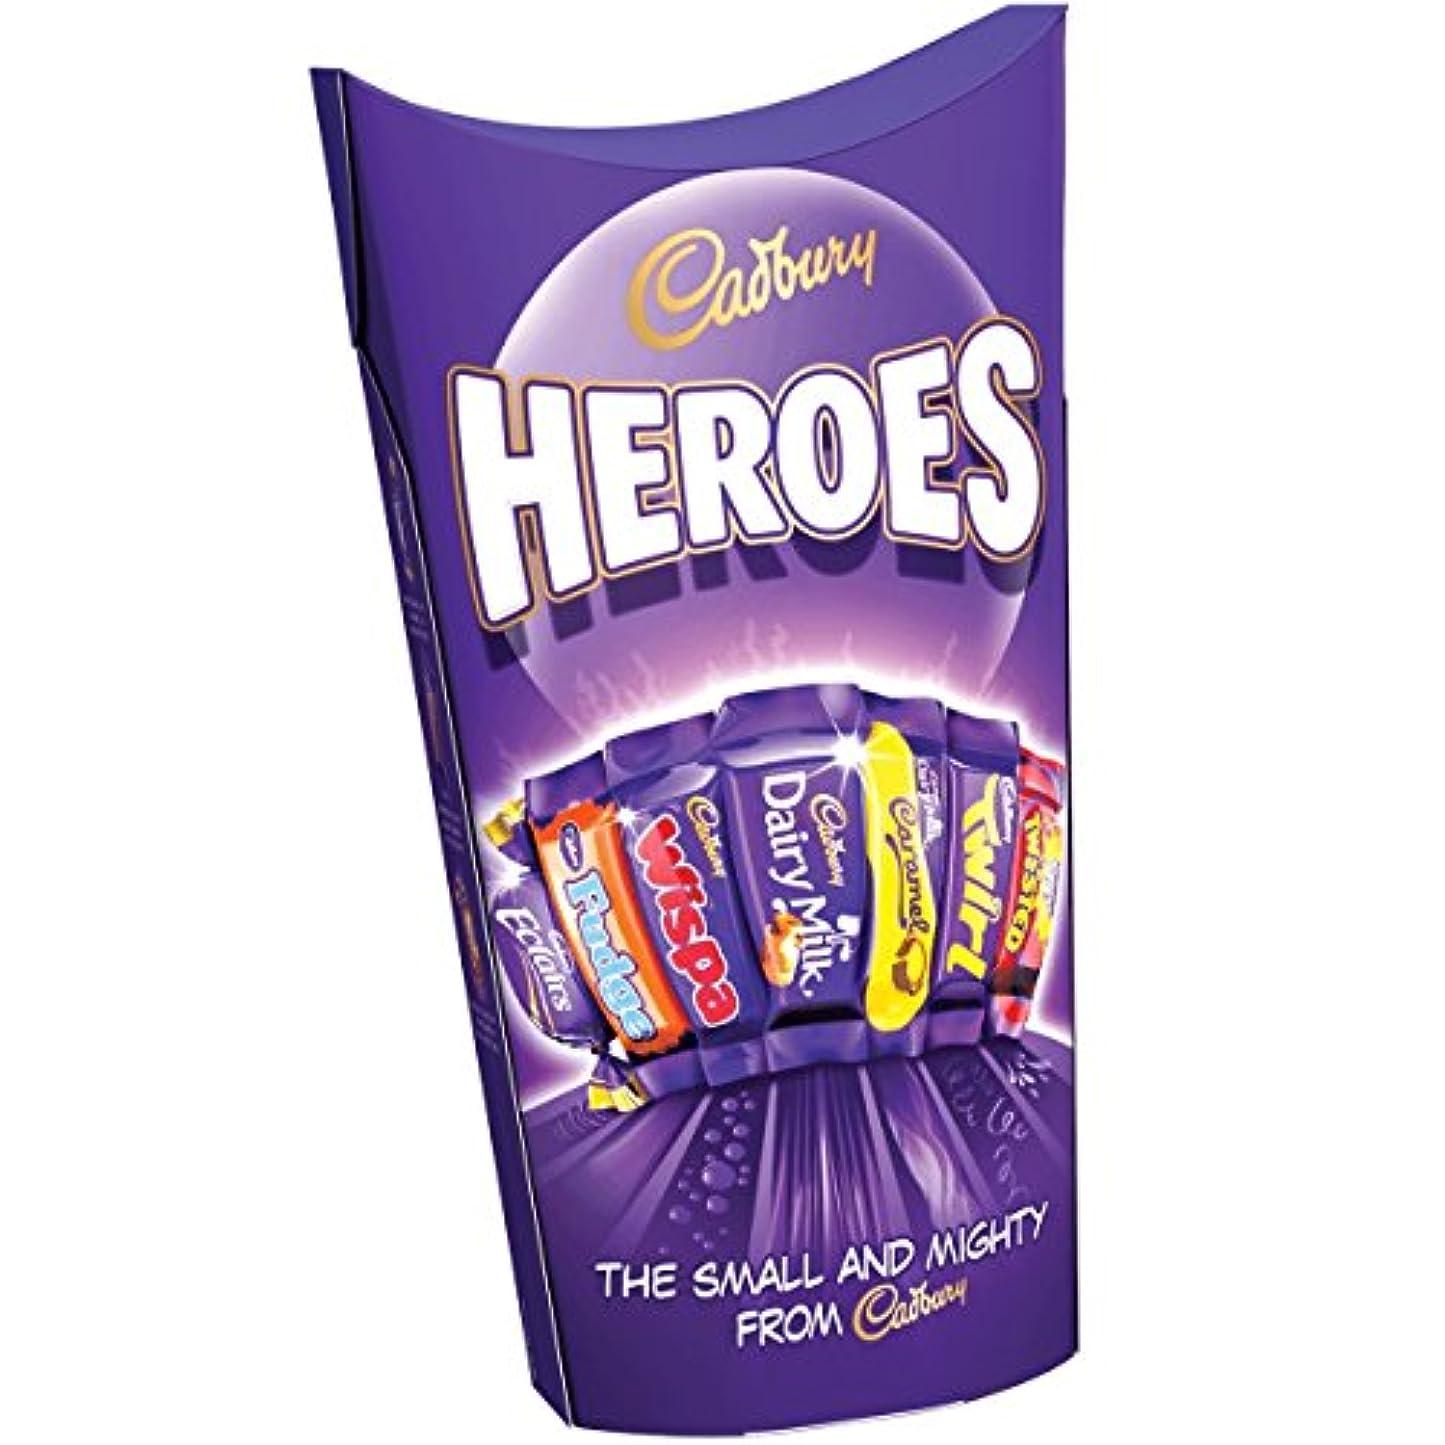 振幅学士第二に(Cadbury (キャドバリー)) 英雄の185グラム (x4) - Cadbury Heroes 185g (Pack of 4) [並行輸入品]